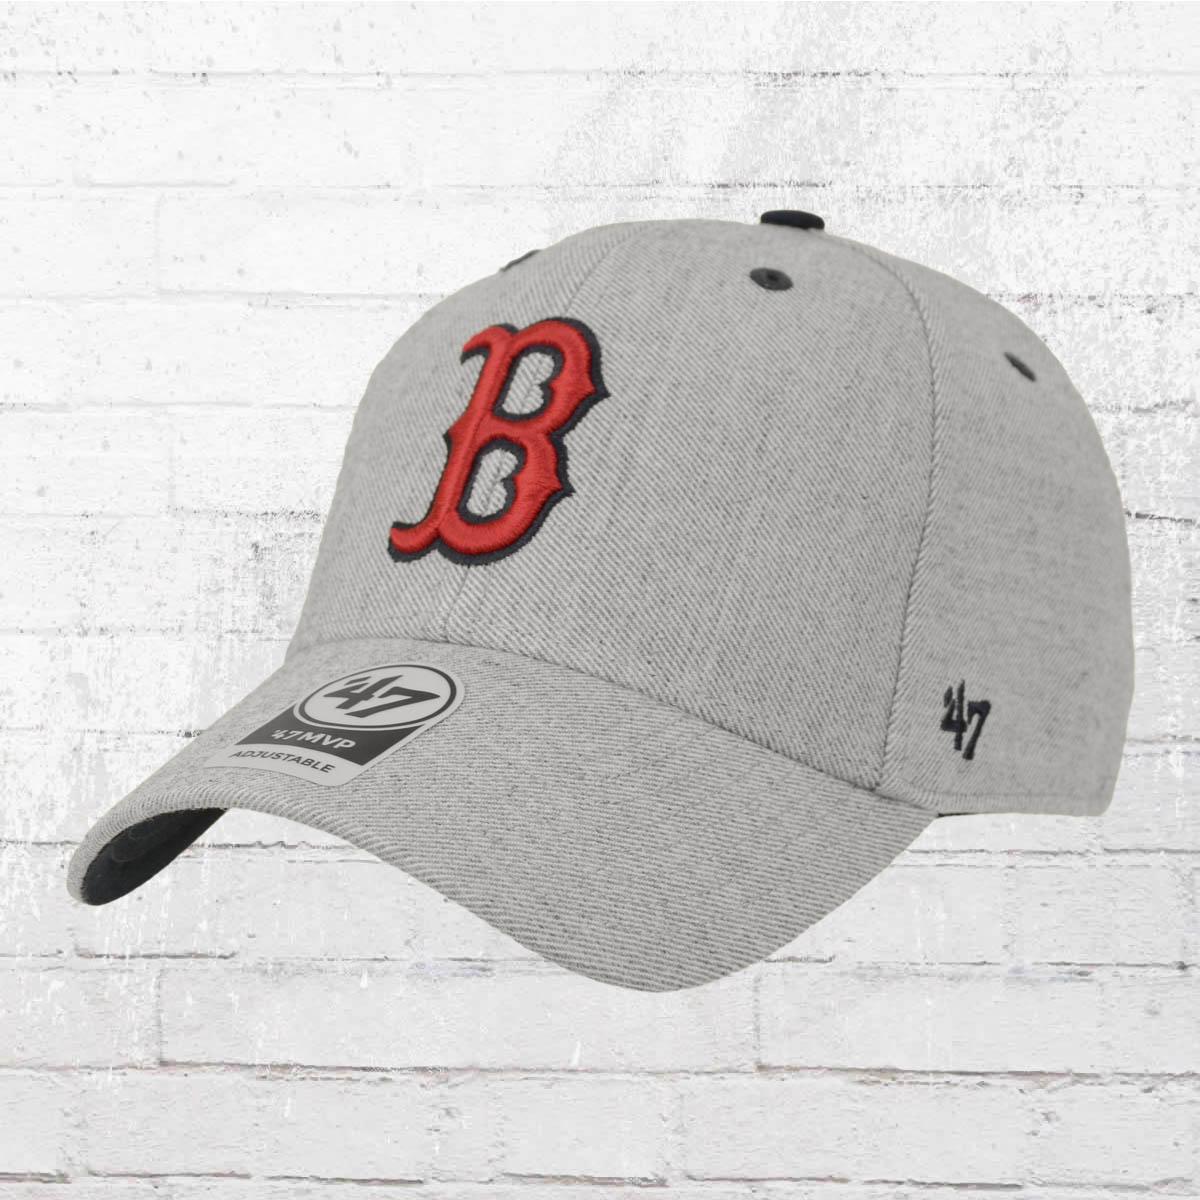 fde32ef169f ... promo code for 47 brands strapback hat boston red sox baseball team cap  grey melange.